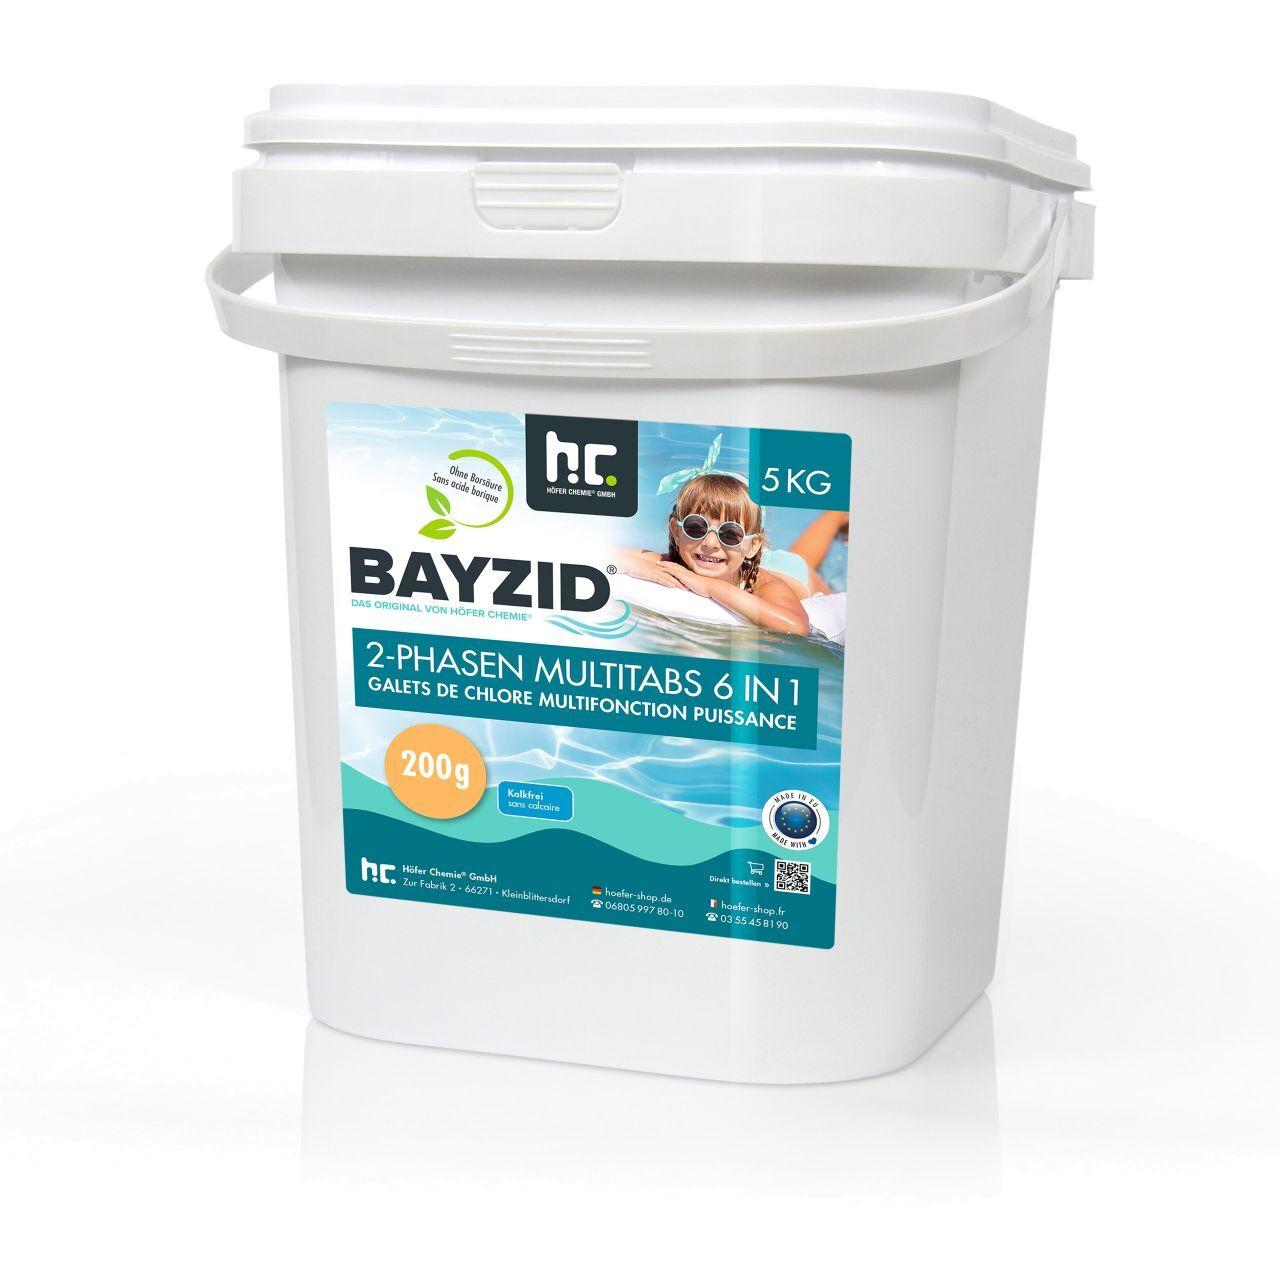 BAYZID 5 kg Galets de chlore biphase 6en1 (200g) (1 x 5 kg)